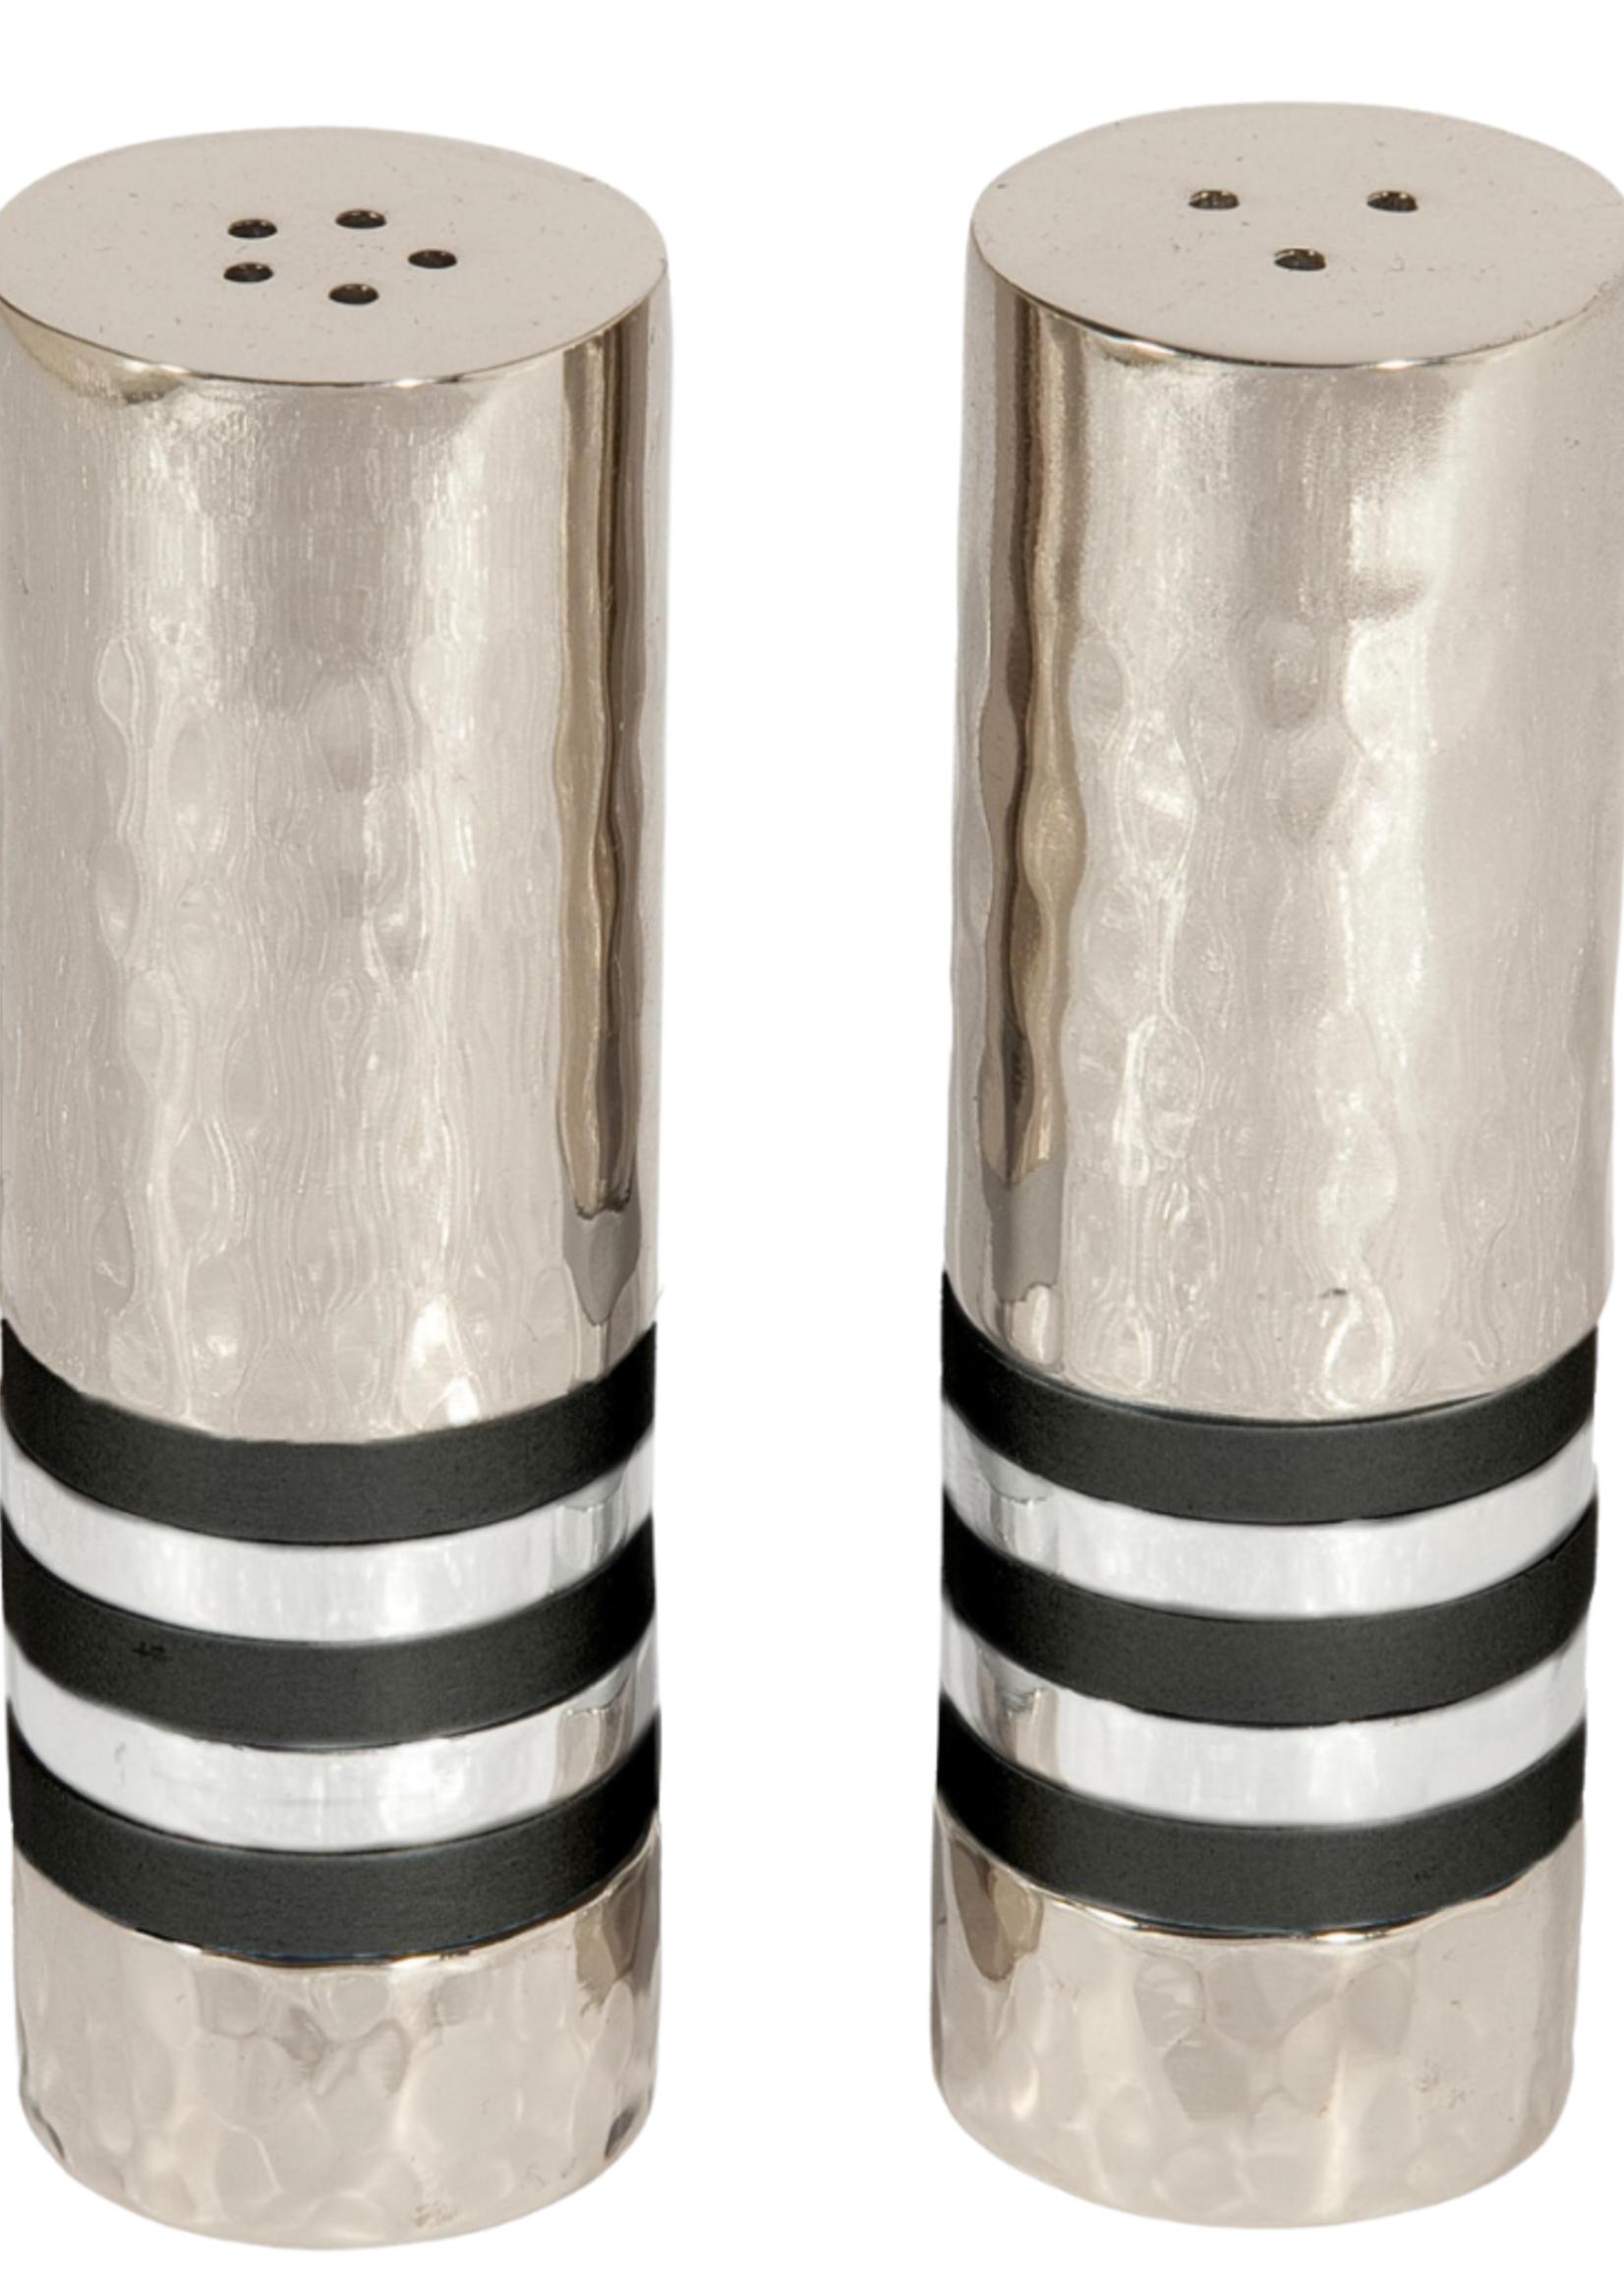 Emanuel Salt & Pepper Shaker Set // Black Rings